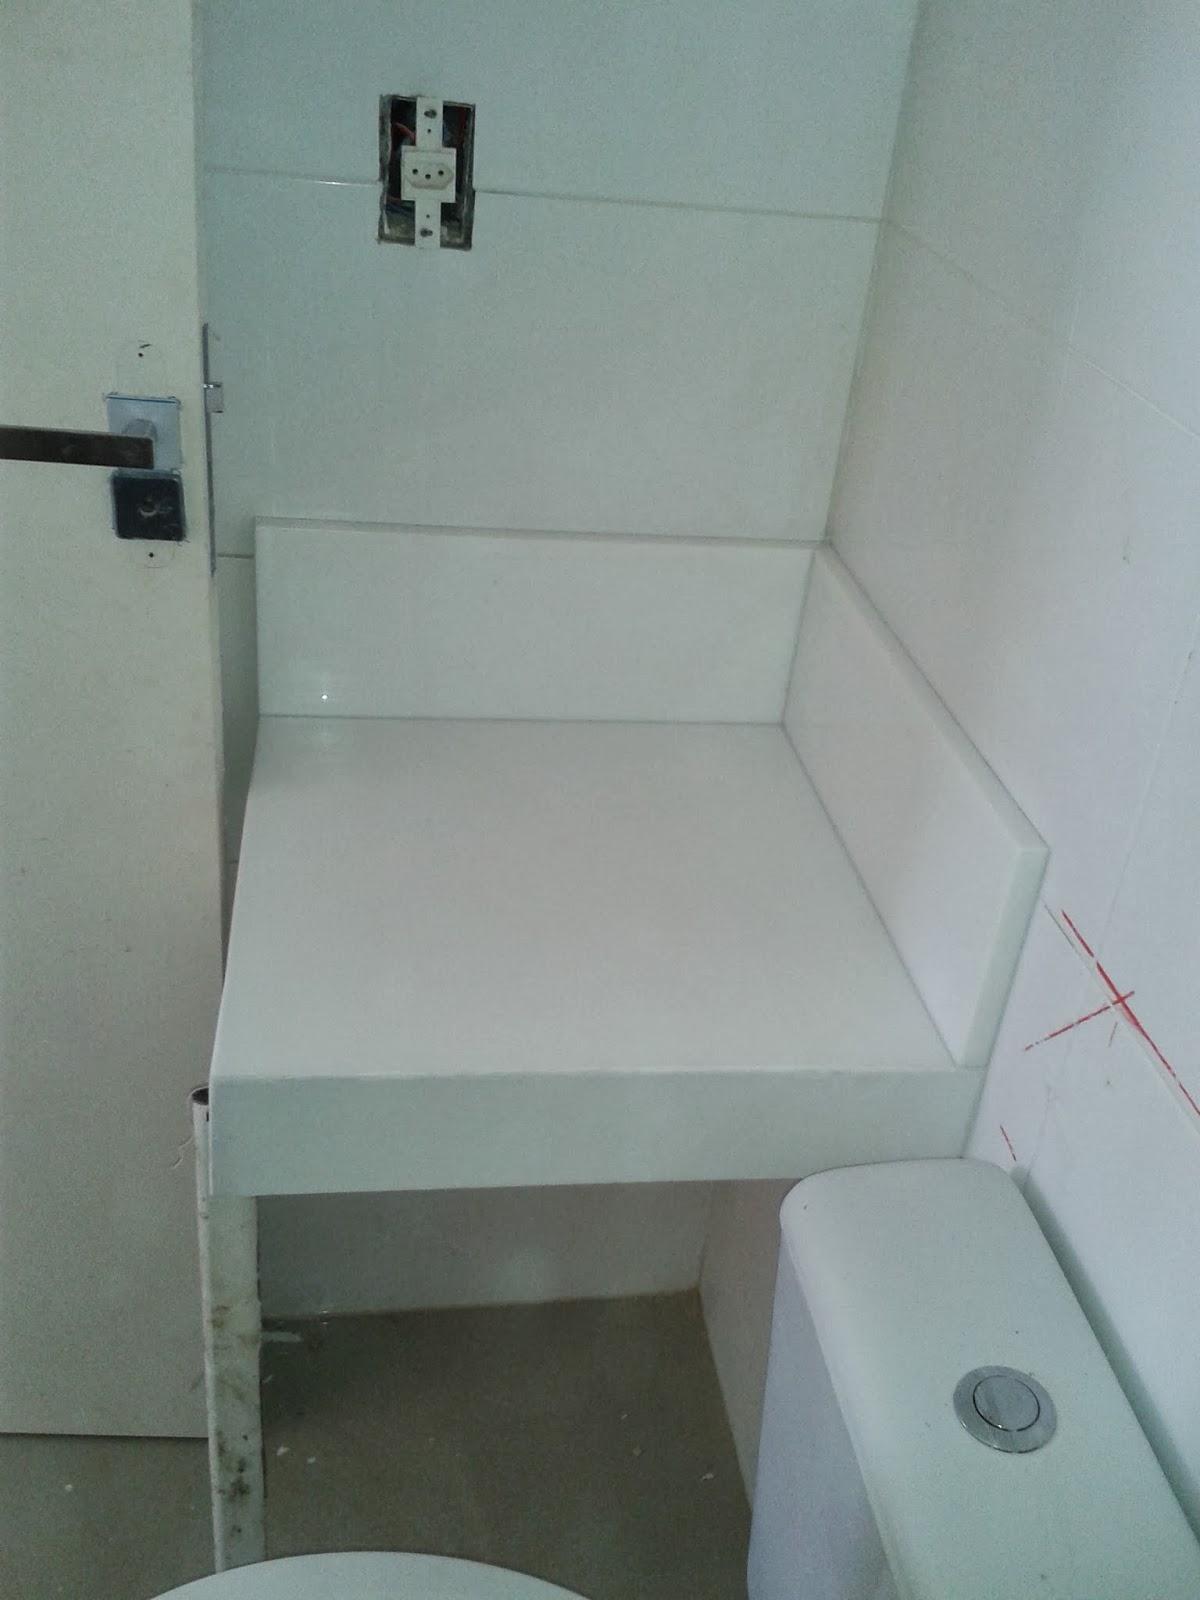 Nanoglass Banheiro Social: testeira de 10 cm rodopia de 17 cm #5C6A6F 1200 1600